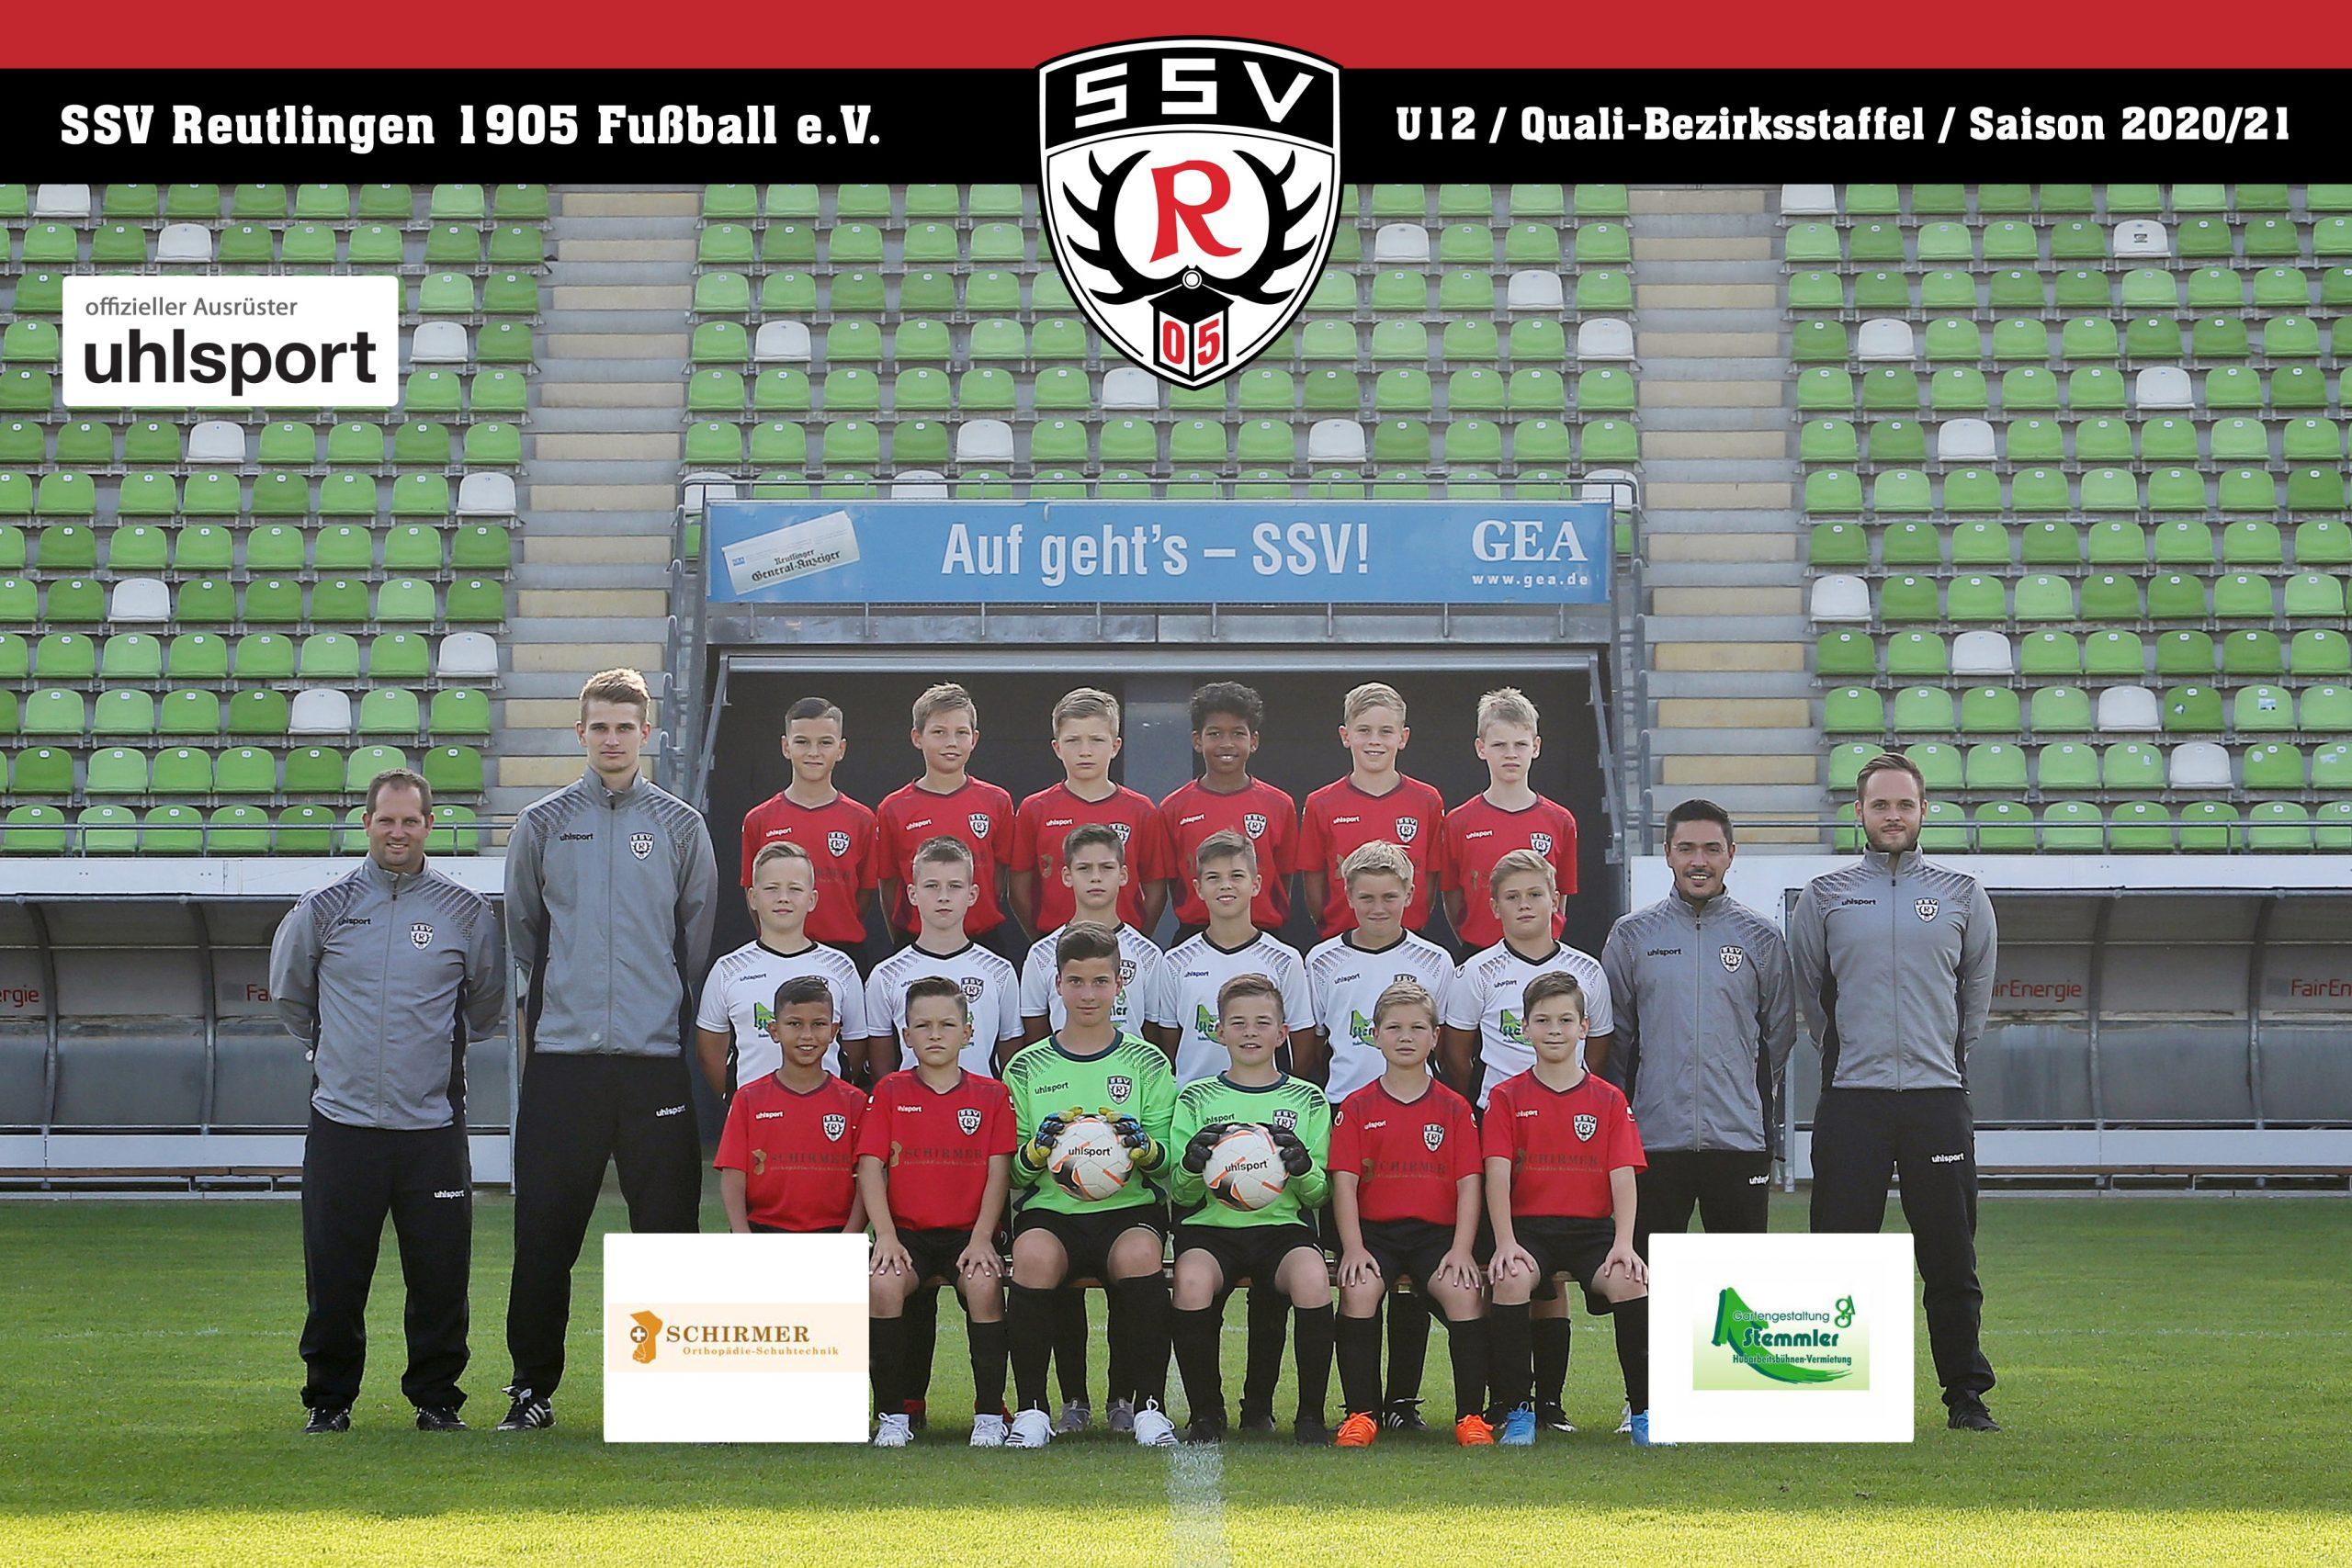 Fussball | SSV Reutlingen / Mannschaft U12 - Saison 2020/21